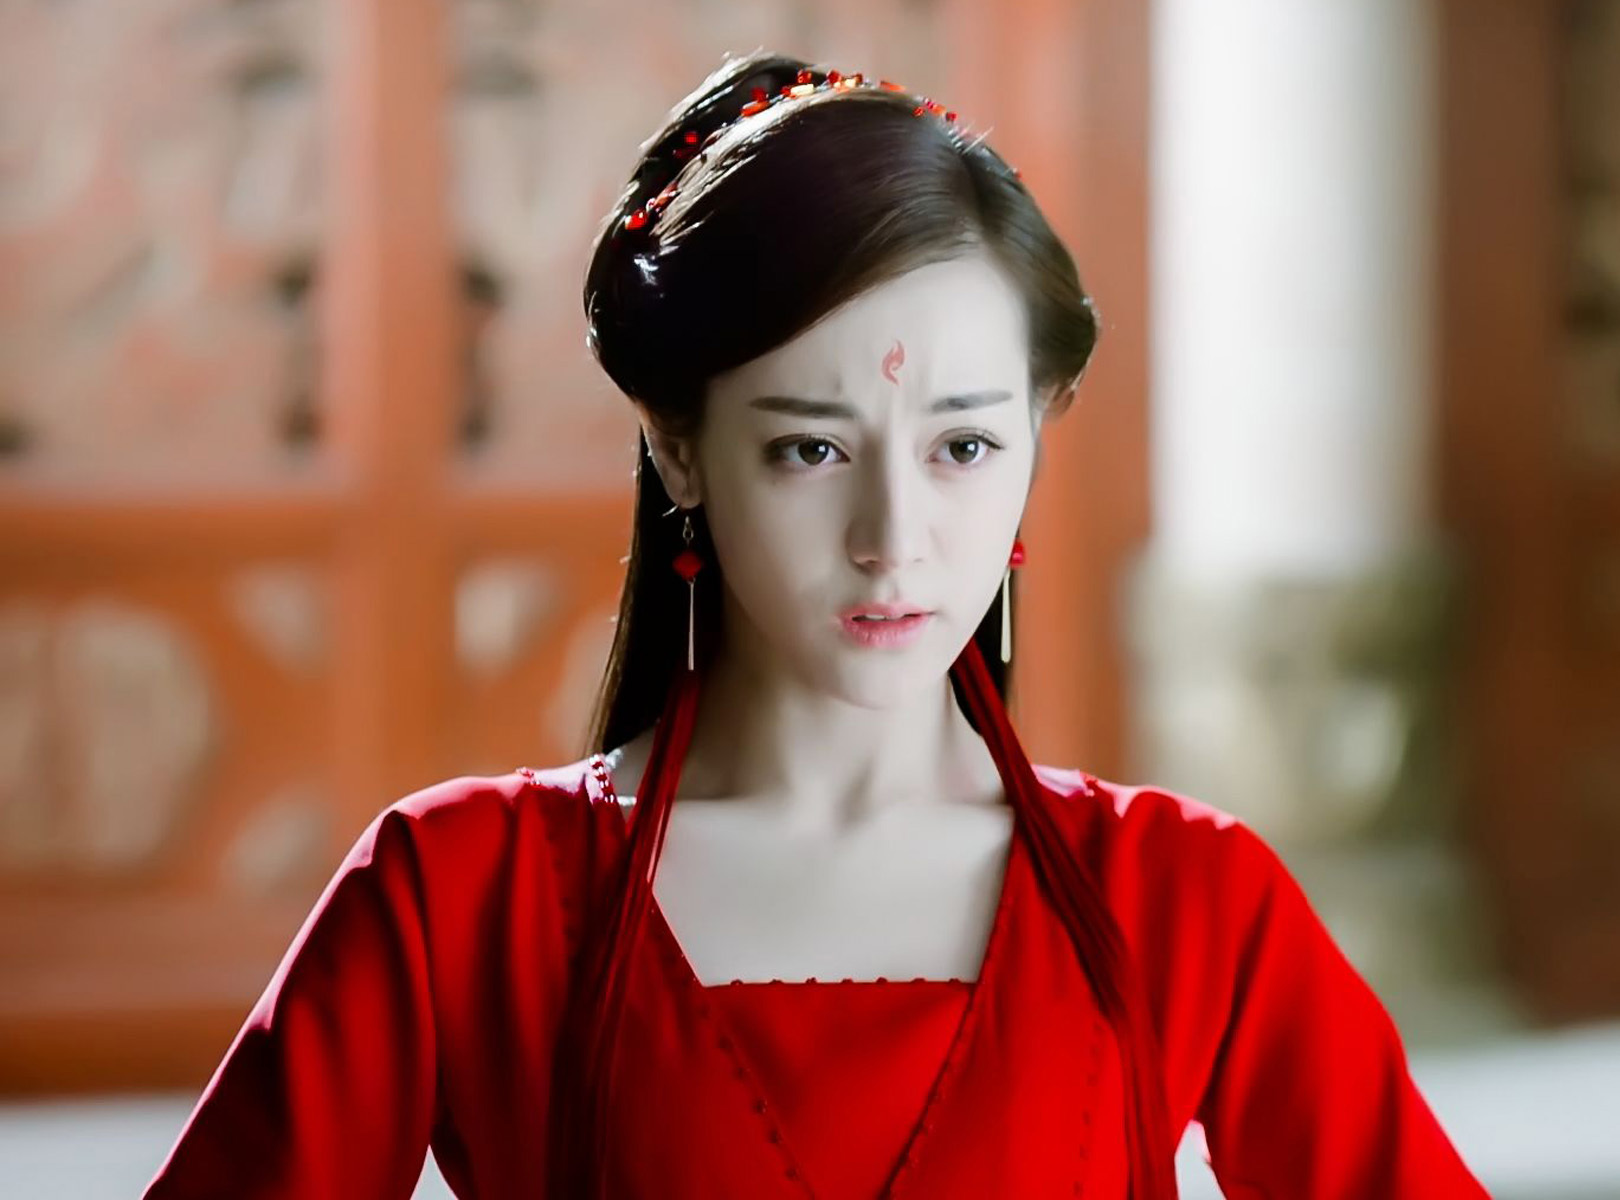 七位颜值女明星古装红衣照,赵丽颖霸气侧漏,她却被吐槽造型丑?